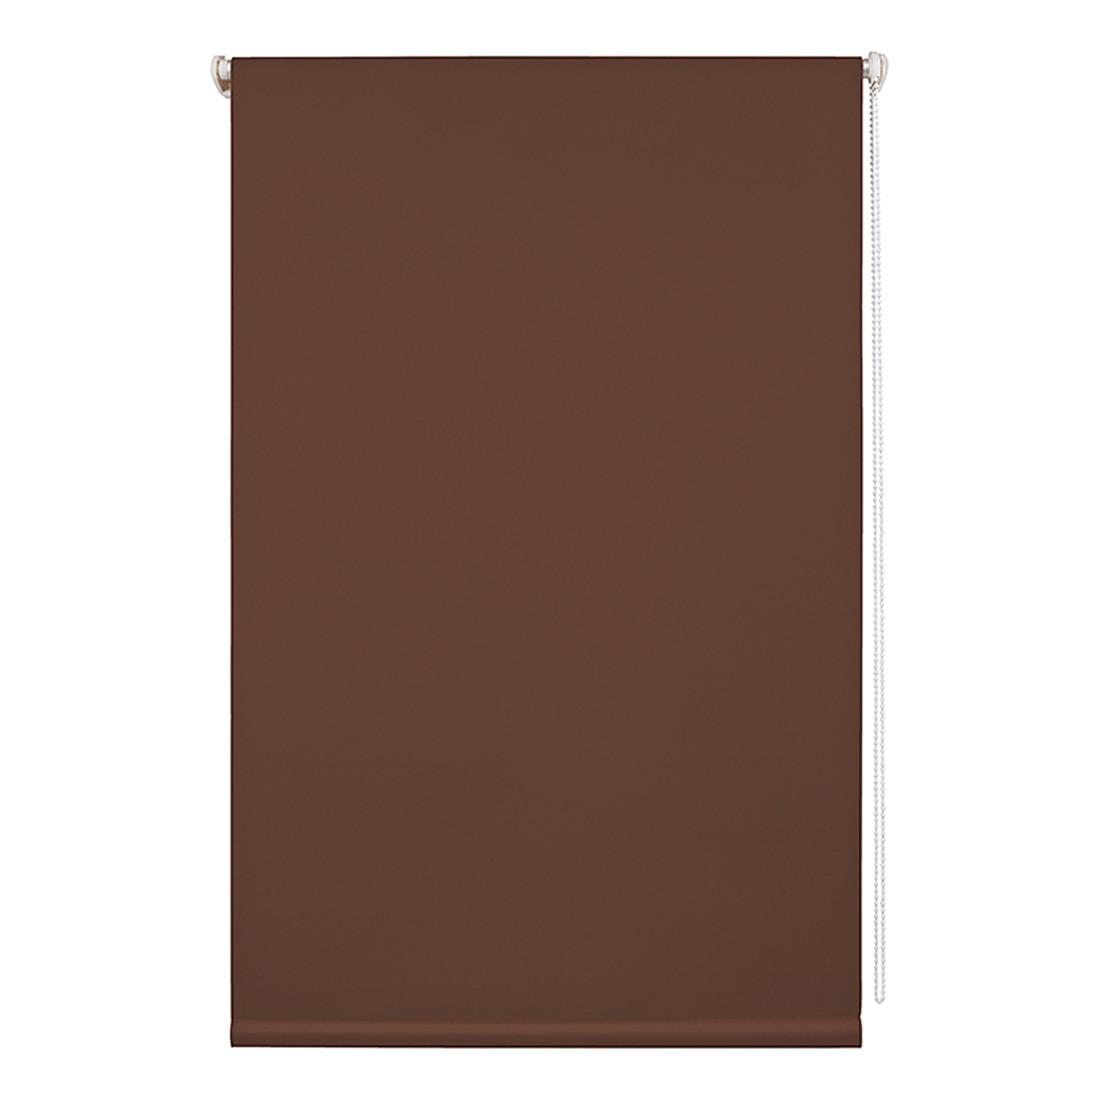 Rollo Klemmfix, Thermo/Verdunkelung – Polyester, Braun – Abmessung (H x B): 150 x 60 cm, Lichtblick günstig bestellen